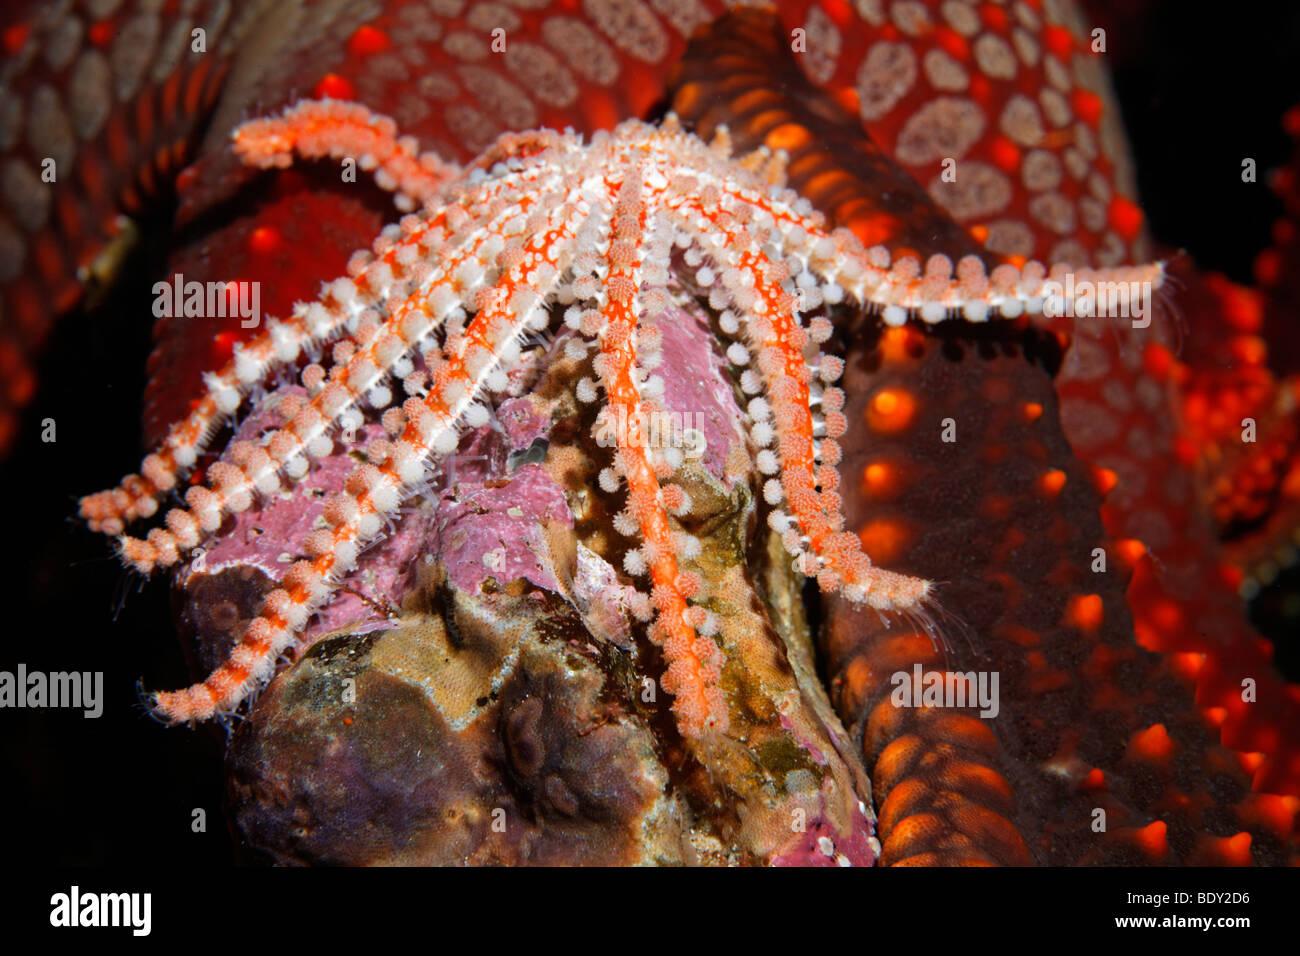 Starfish sconosciuto (Asteroidae) davanti a una stella Knobby (Pentaceraster cumingi), cugina di roccia, Sito Patrimonio Immagini Stock